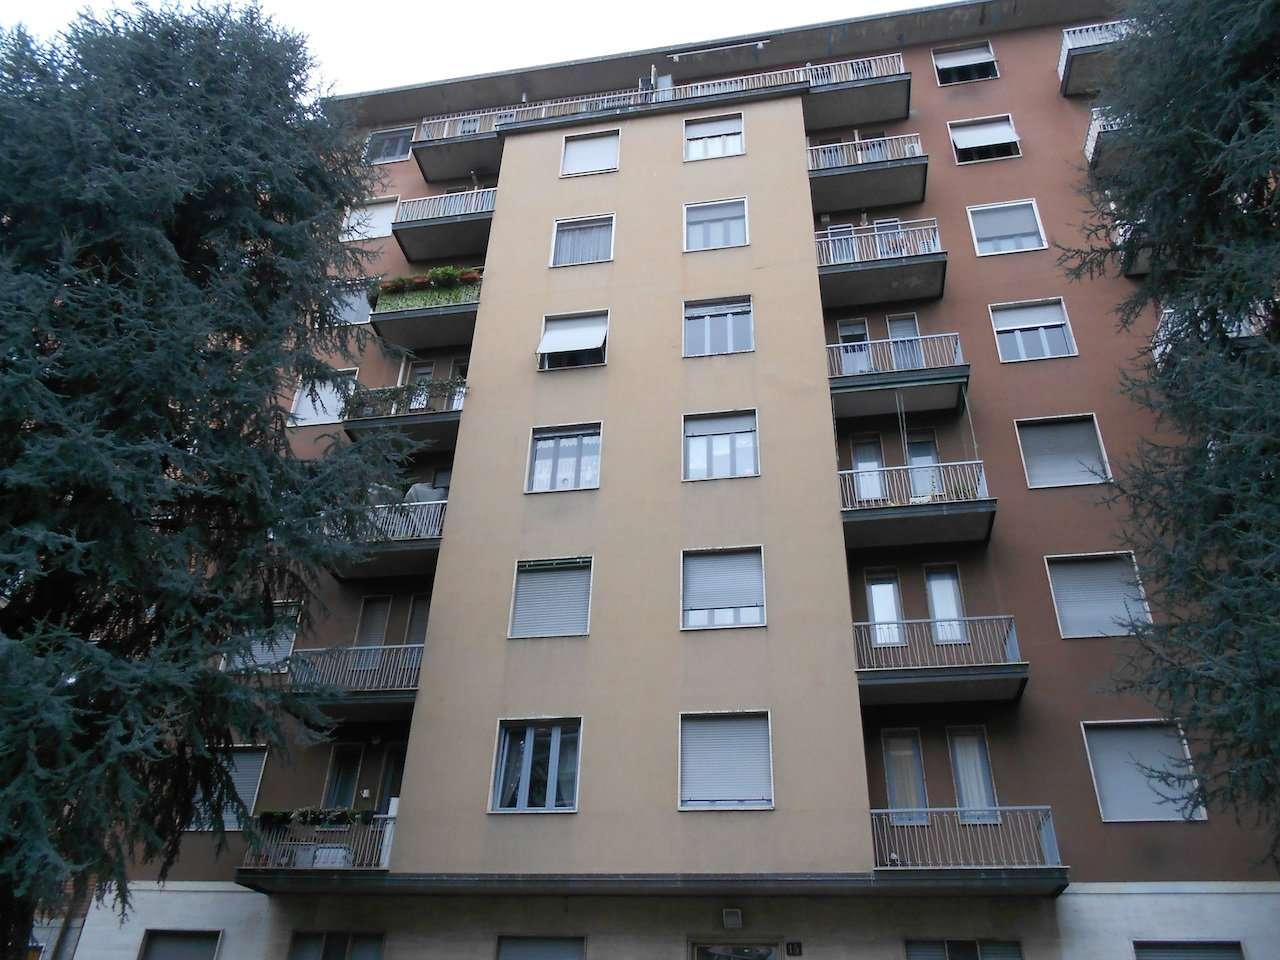 Appartamento in Vendita a Milano 25 Cassala / Famagosta / Lorenteggio / Barona: 2 locali, 60 mq